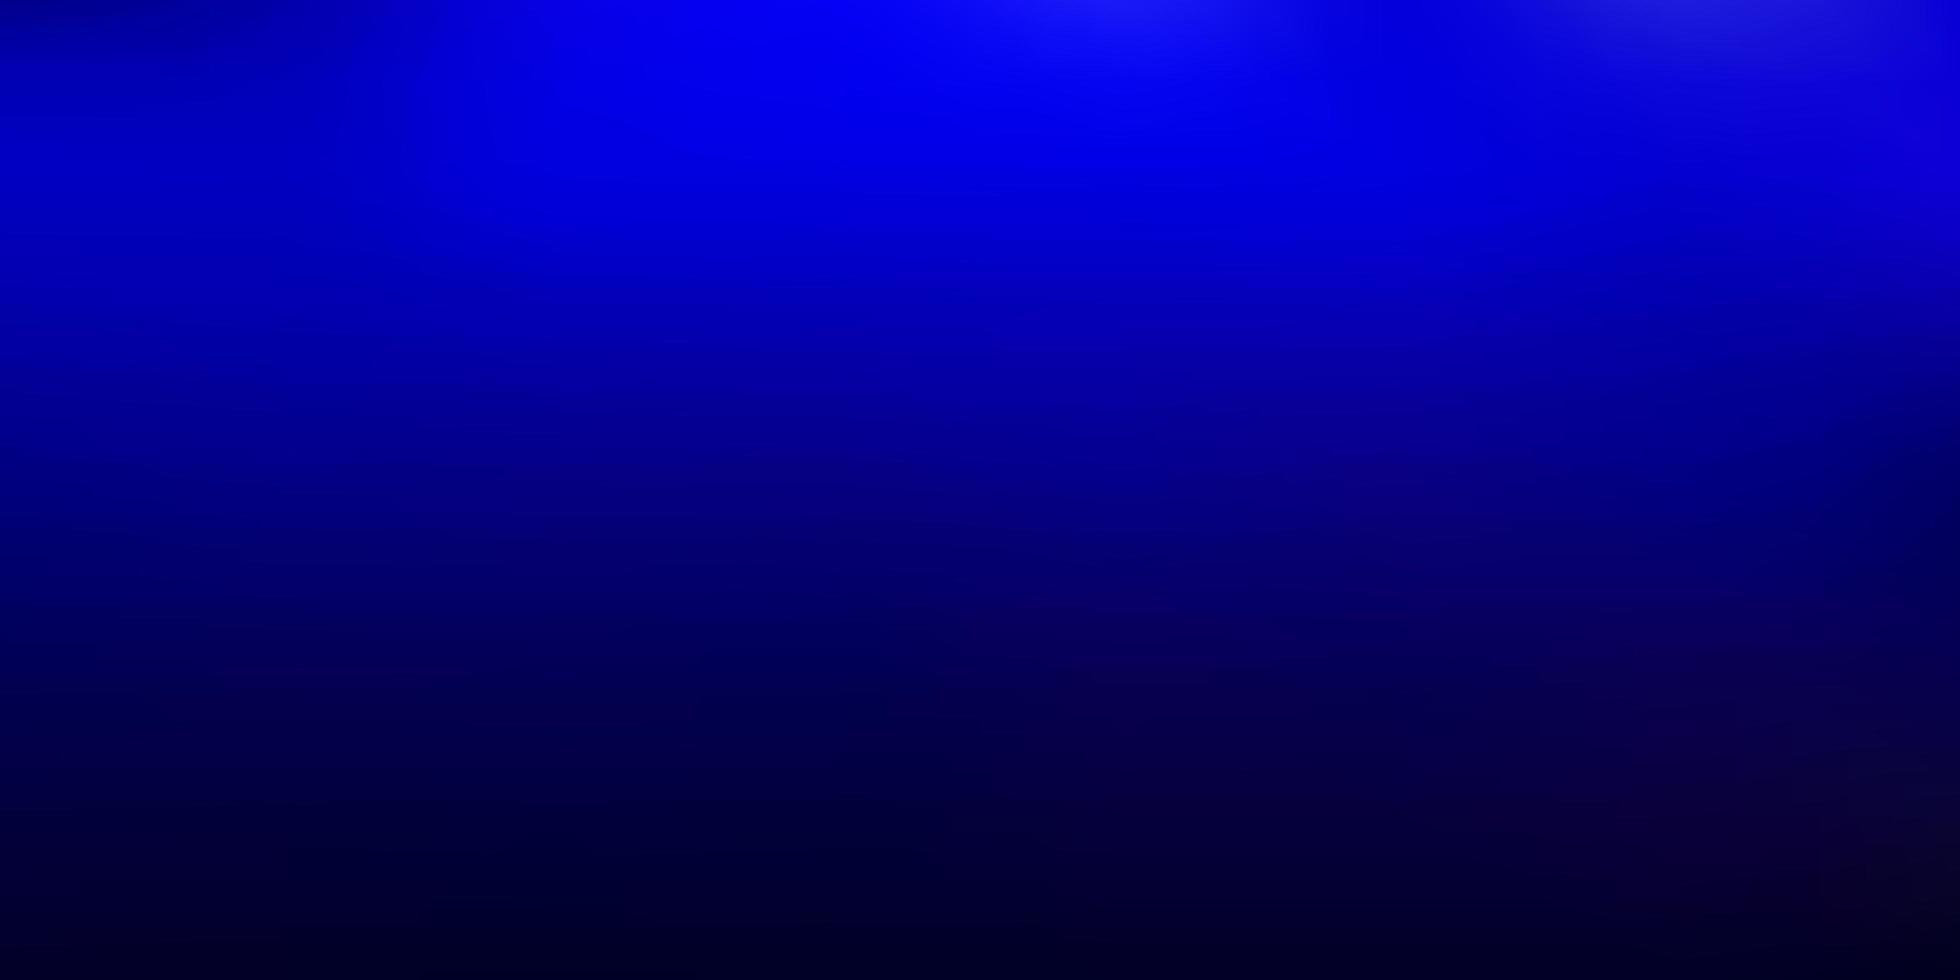 mörkblå vektor gradient oskärpa ritning.